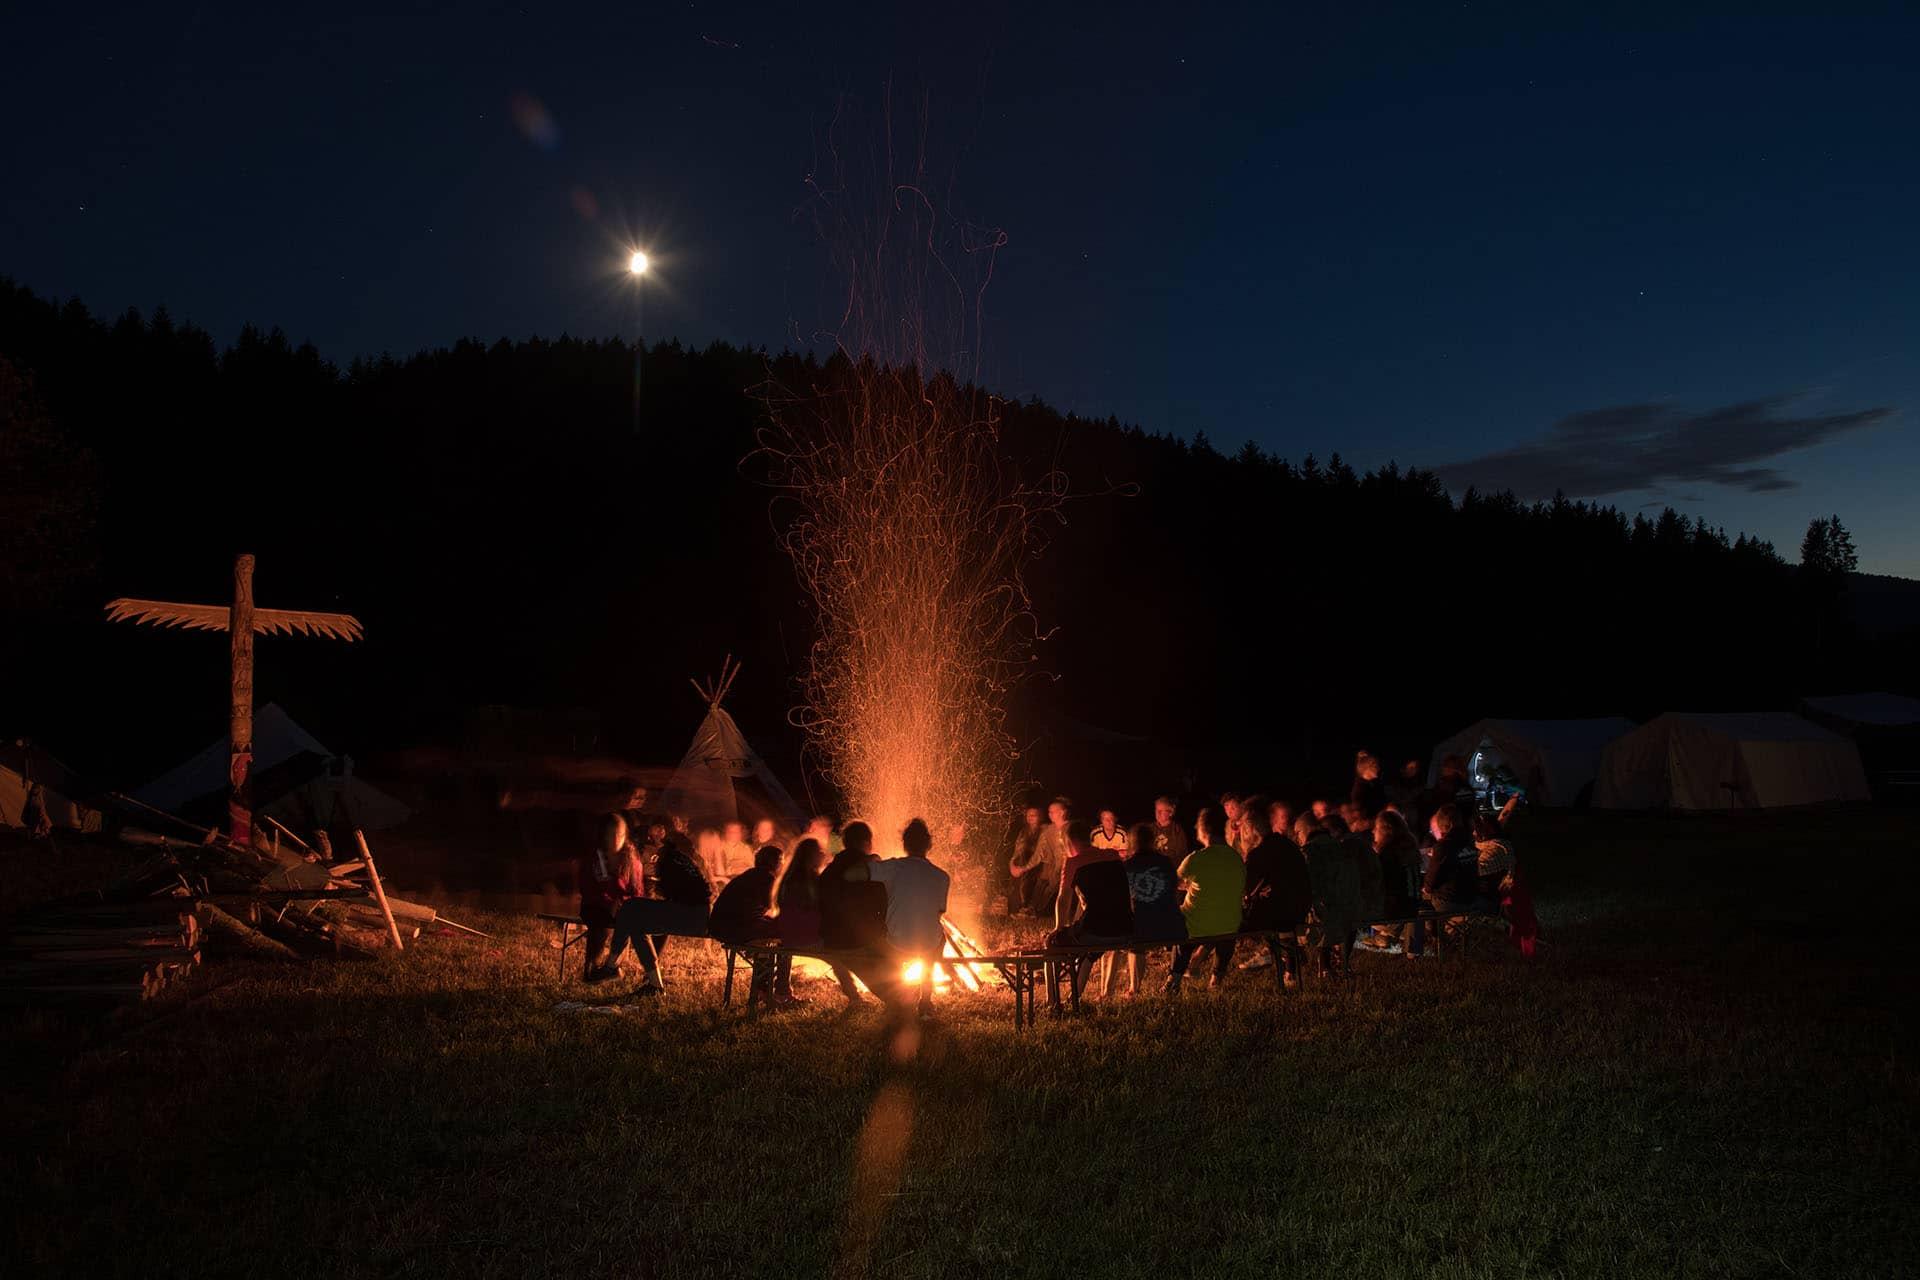 Lagerfeuer bei DPSG Sinzing - Pfadfinder Stamm Sinzing bei Regensburg